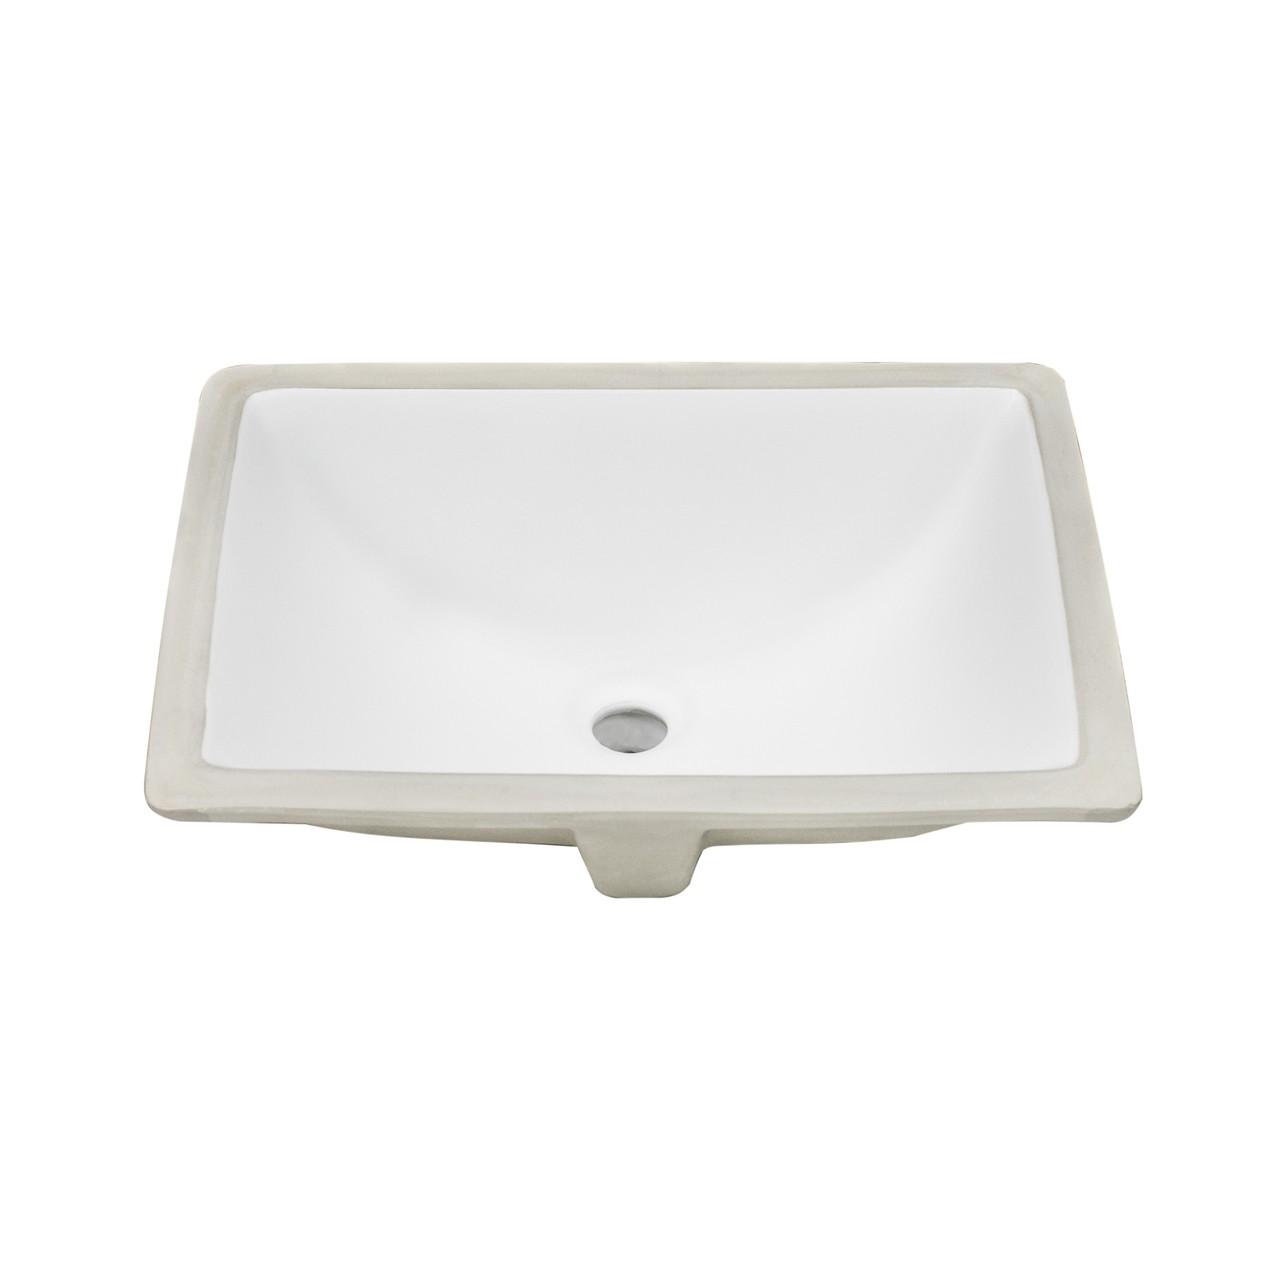 Beli  Klasik Rectangular Desain Sink Keramik Undermount Simple kesombongan Sink,Klasik Rectangular Desain Sink Keramik Undermount Simple kesombongan Sink Harga,Klasik Rectangular Desain Sink Keramik Undermount Simple kesombongan Sink Merek,Klasik Rectangular Desain Sink Keramik Undermount Simple kesombongan Sink Produsen,Klasik Rectangular Desain Sink Keramik Undermount Simple kesombongan Sink Quotes,Klasik Rectangular Desain Sink Keramik Undermount Simple kesombongan Sink Perusahaan,